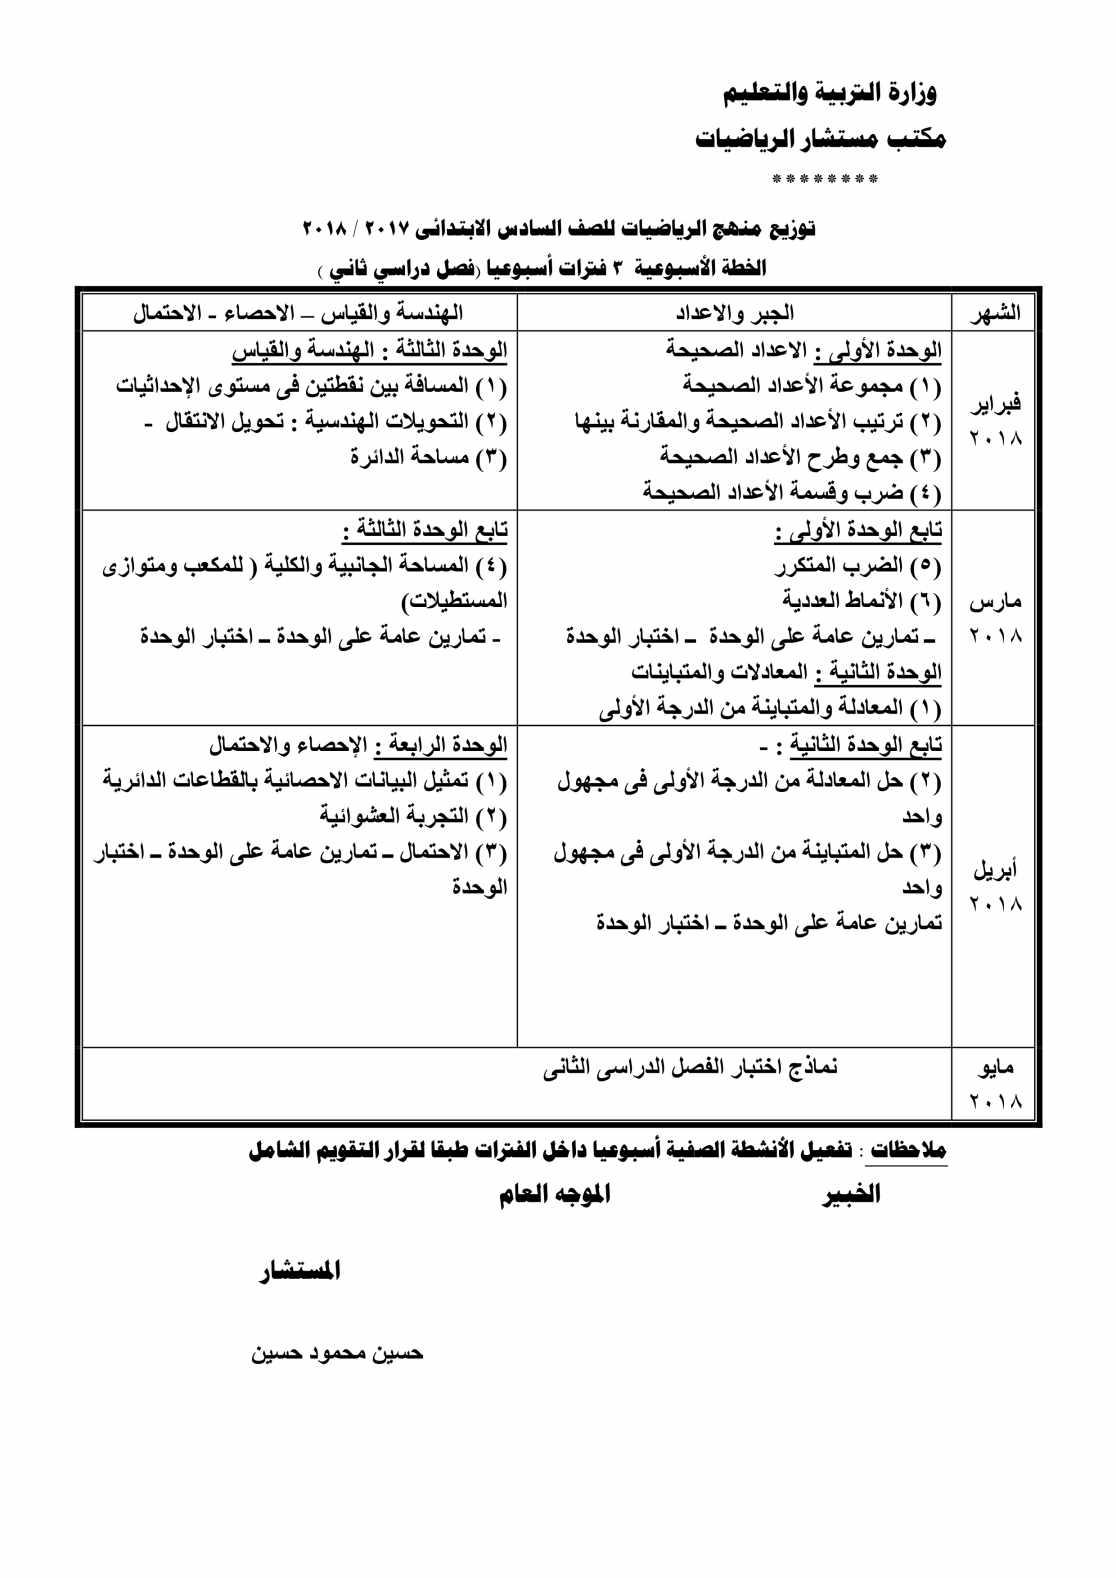 جدول توزيع مناهج الرياضيات و الخطة الزمنية لرياضيات المرحلة الابتدائية الفصل الدراسى الاول 2018